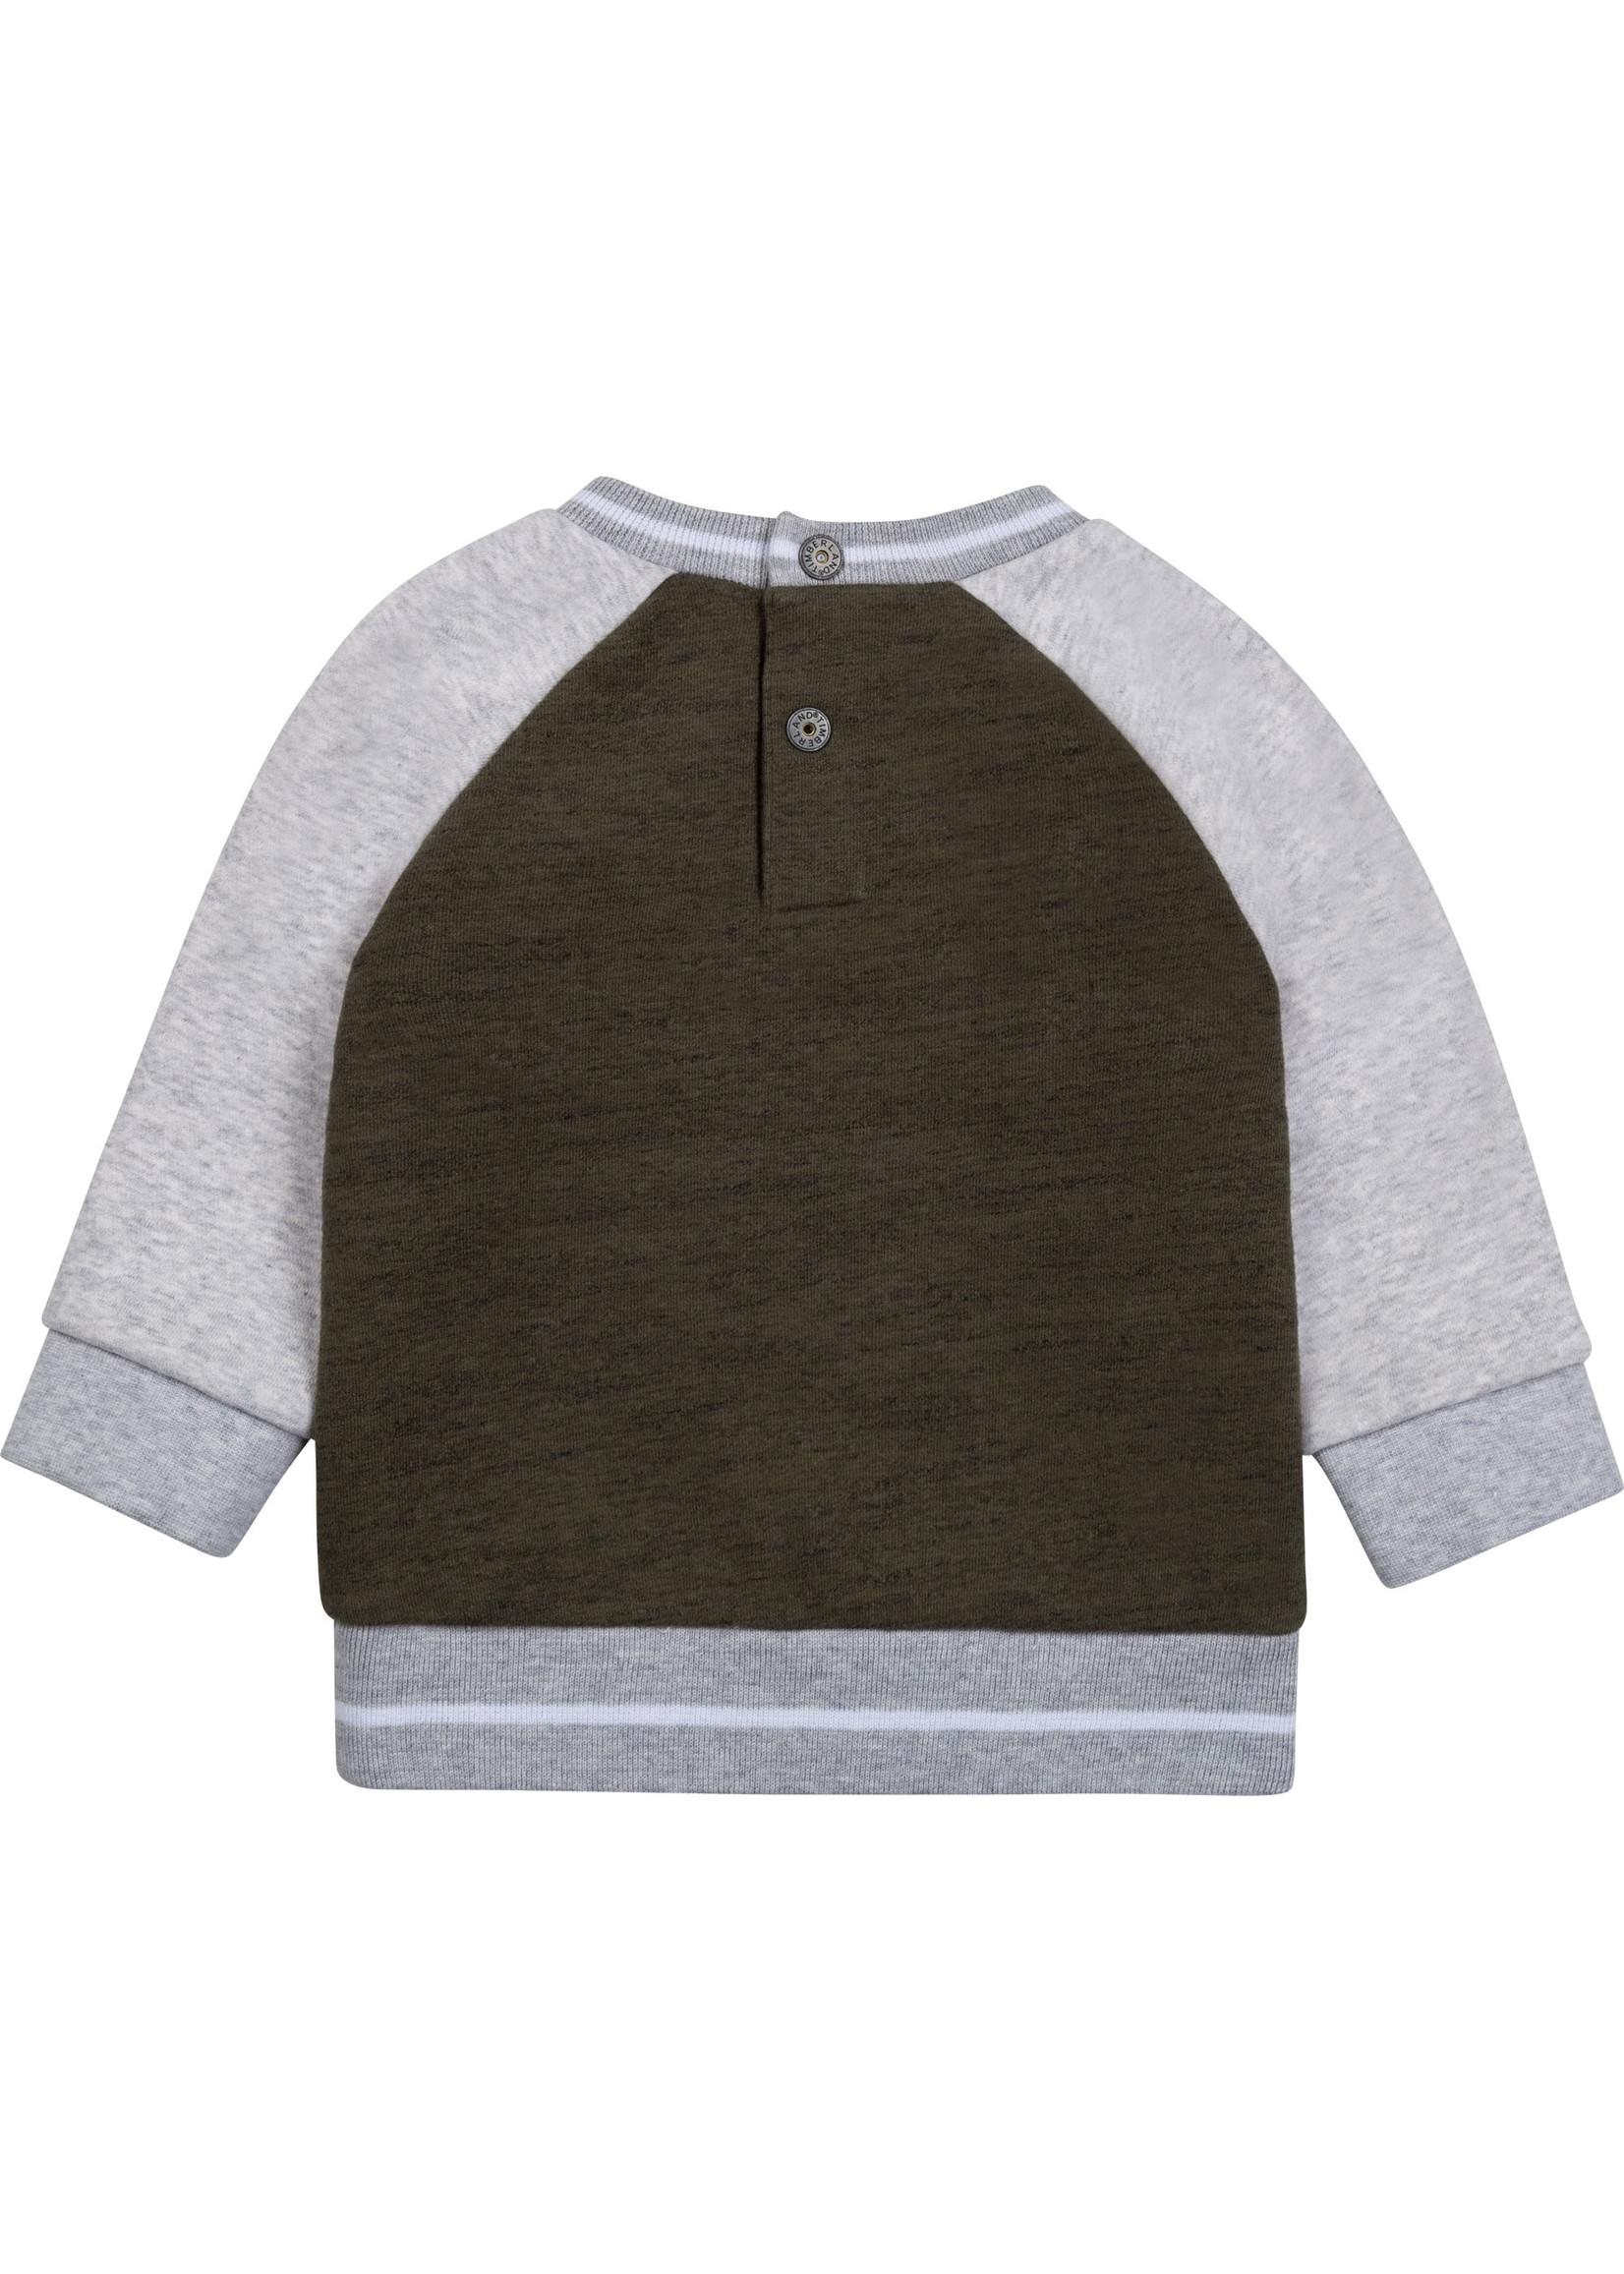 Timberland TIMBERLAND Sweater khaki/grijs